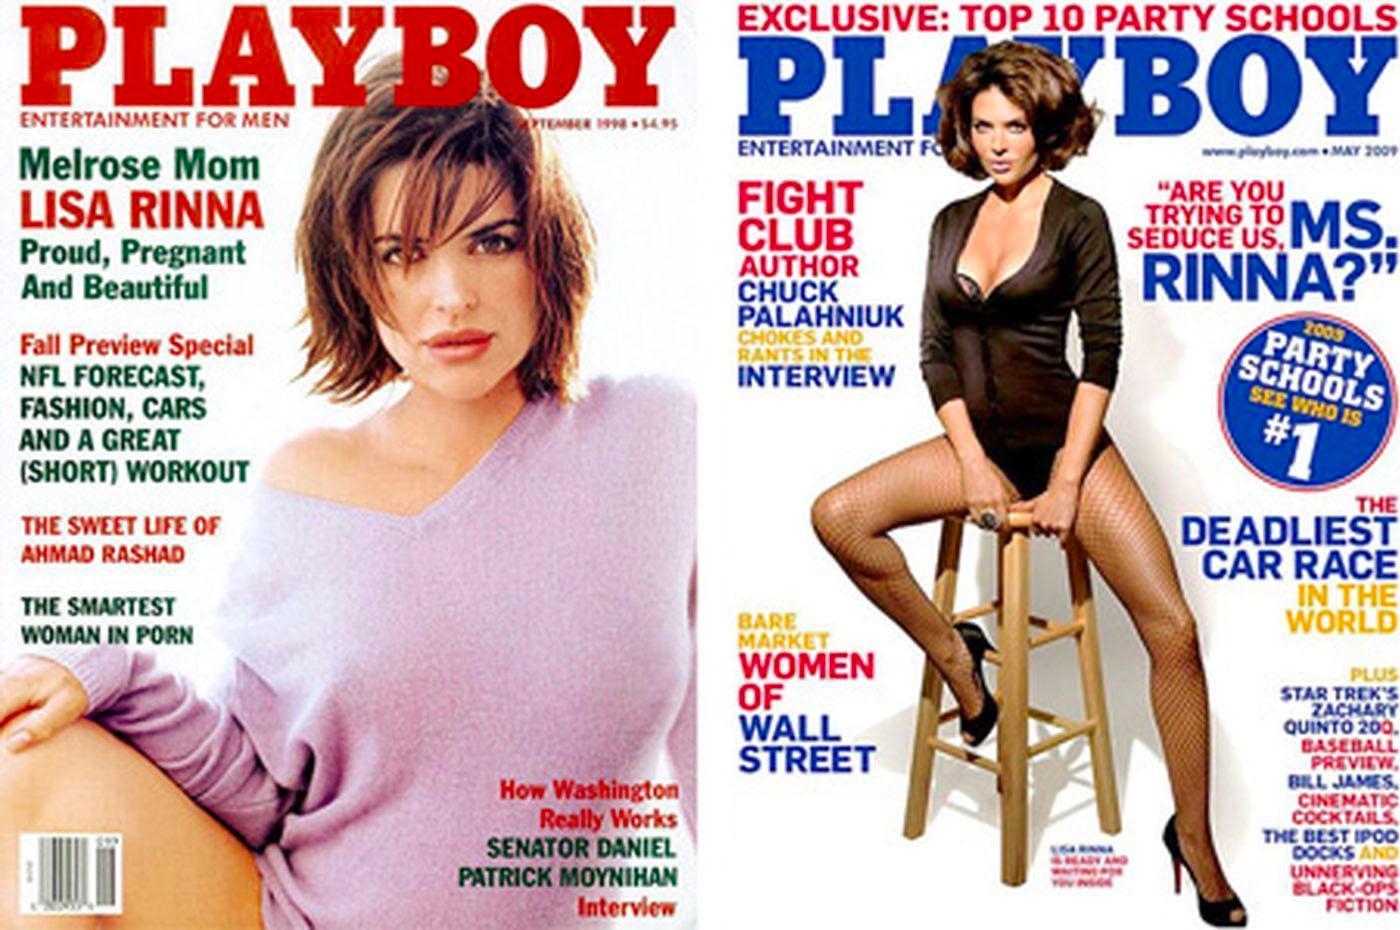 Lisa Rinna (35) og Lisa Rinna (46) som forsidepike (Playboy)